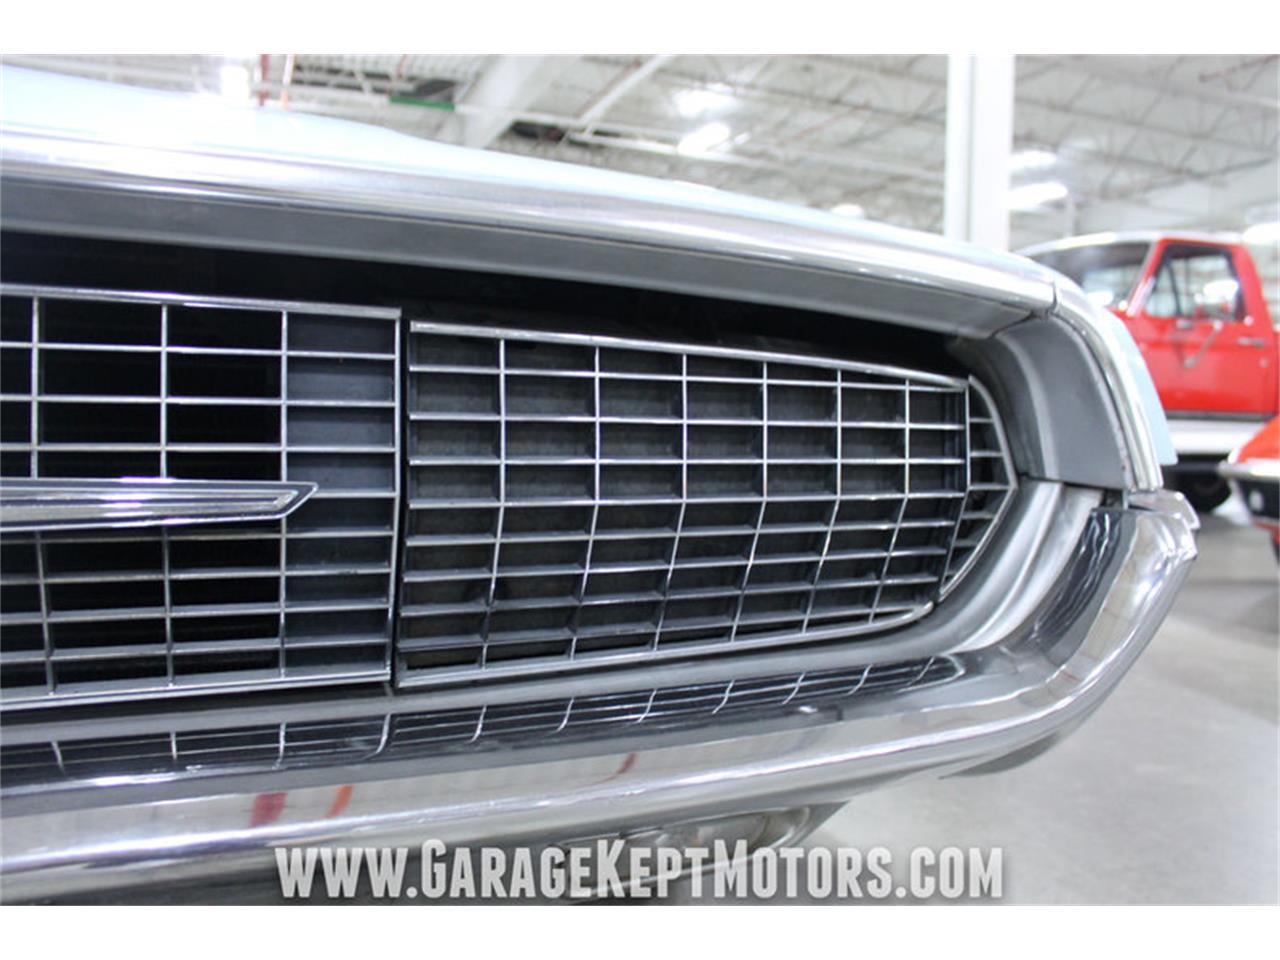 Large Picture of '67 Thunderbird 2-Door Landau Offered by Garage Kept Motors - LU7P